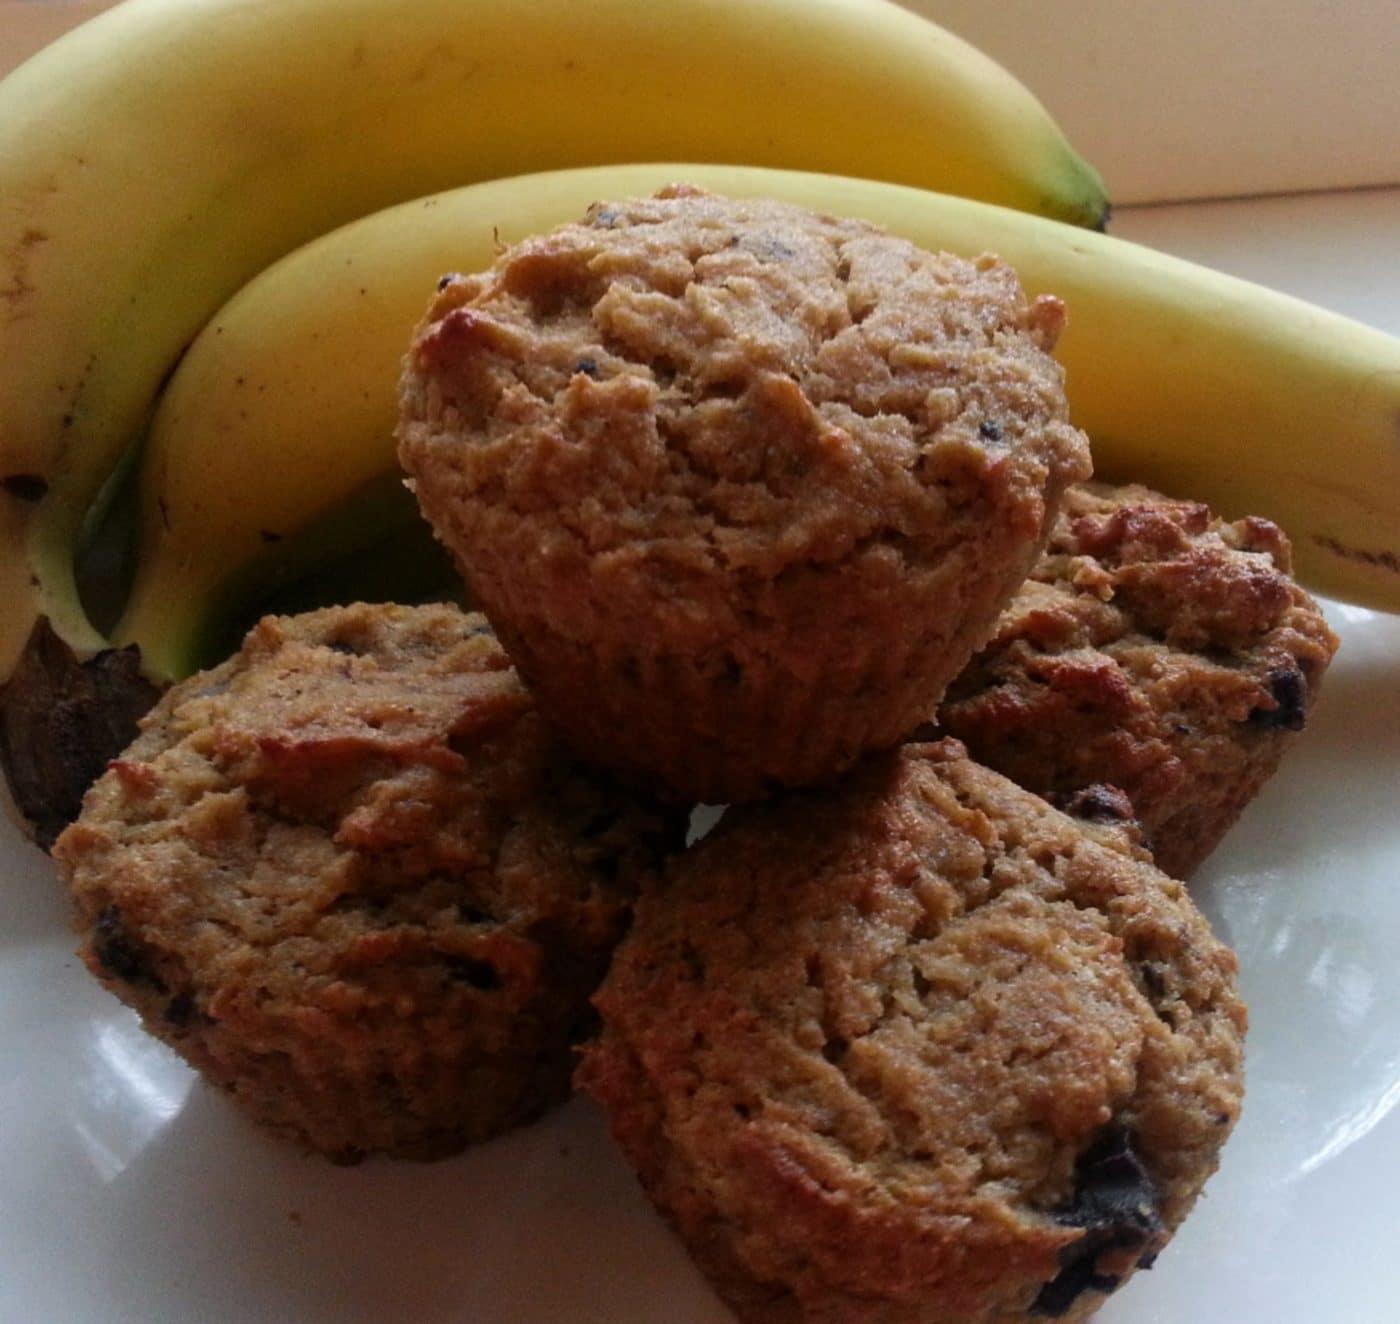 Recipe: Gluten-free, Grain-free Banana Chocolate Chip Muffins